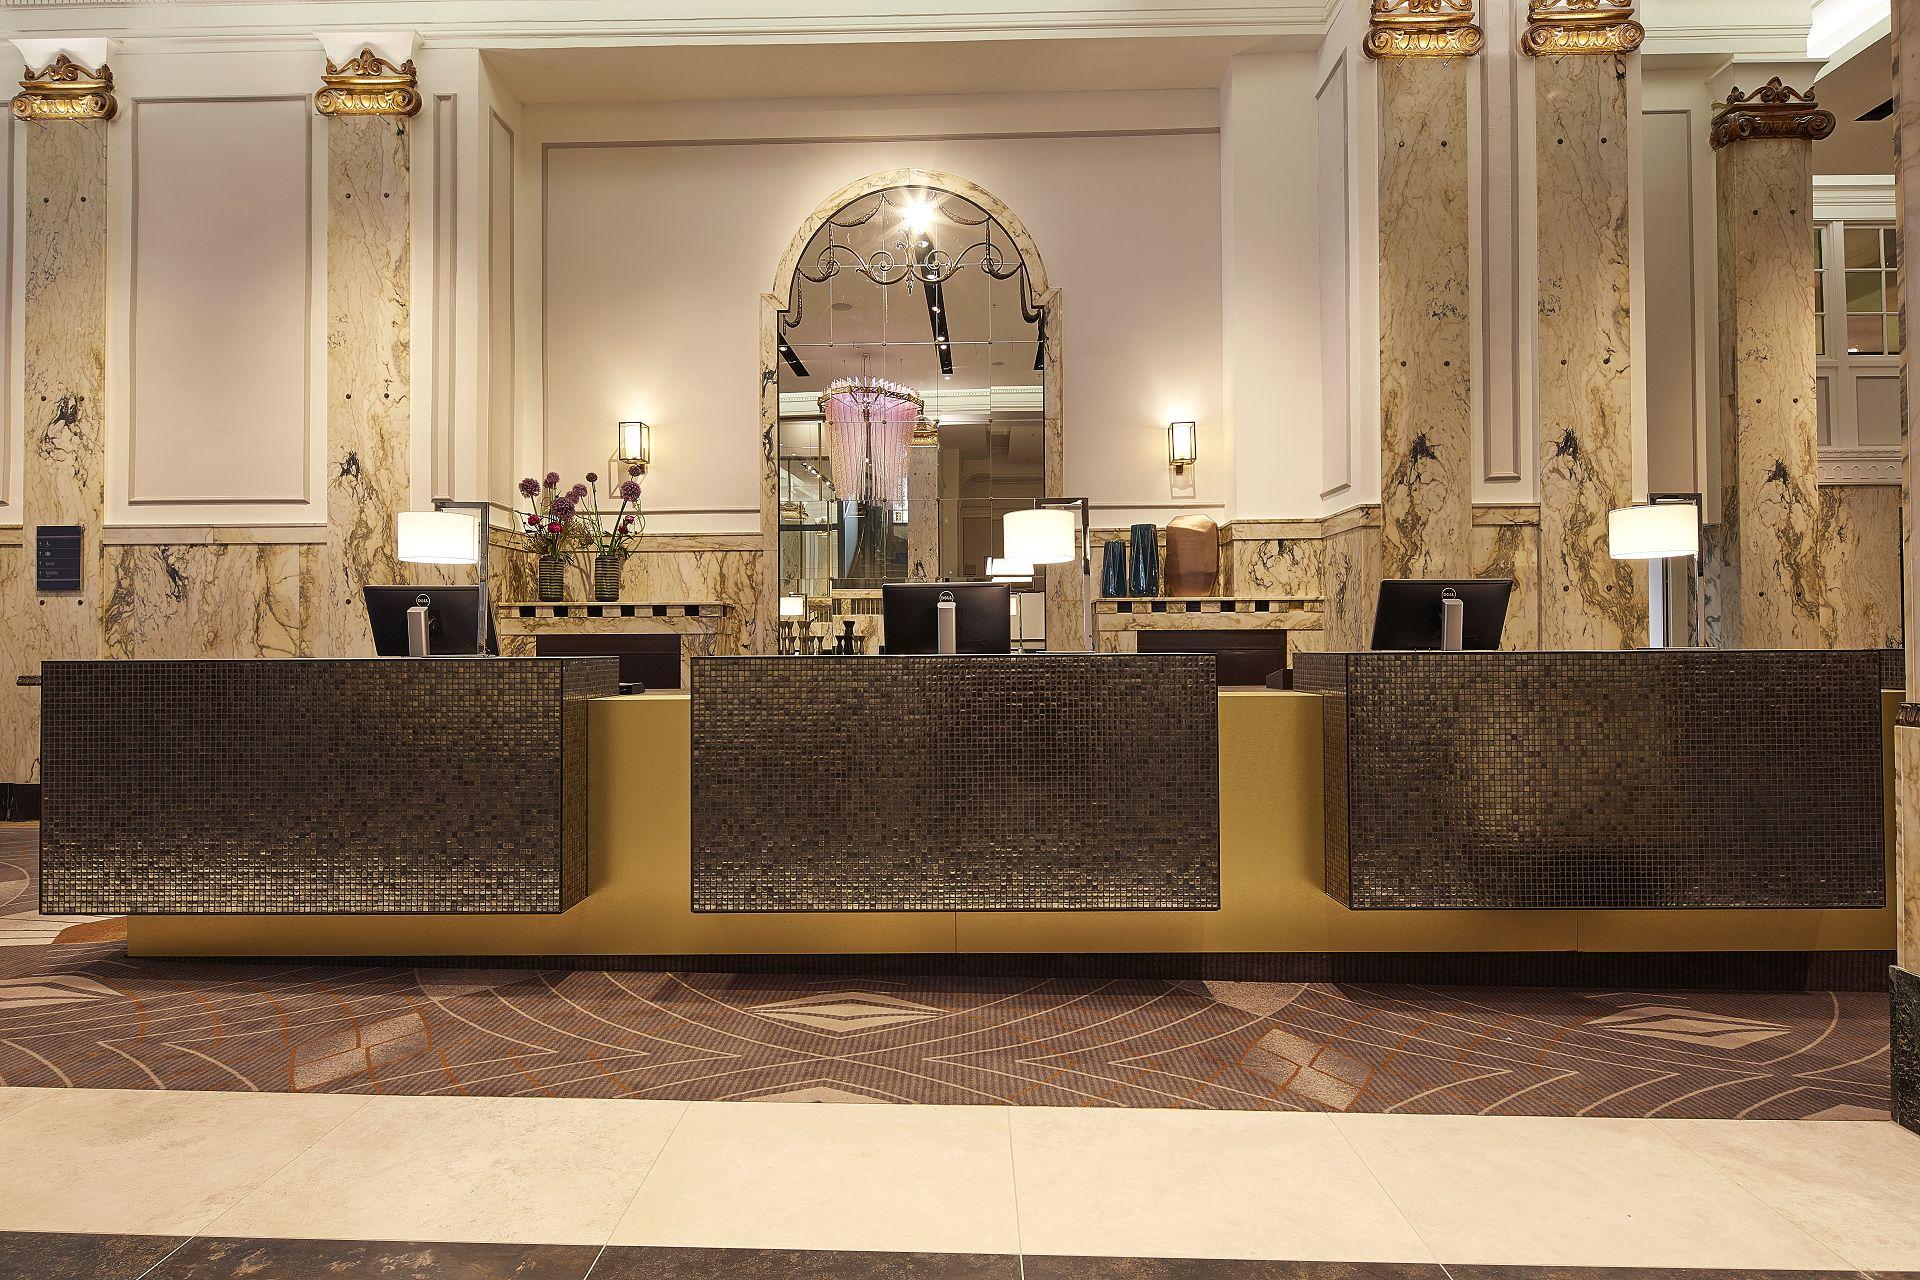 reichshof curio collection by hilton hh joi design innenarchitekten. Black Bedroom Furniture Sets. Home Design Ideas